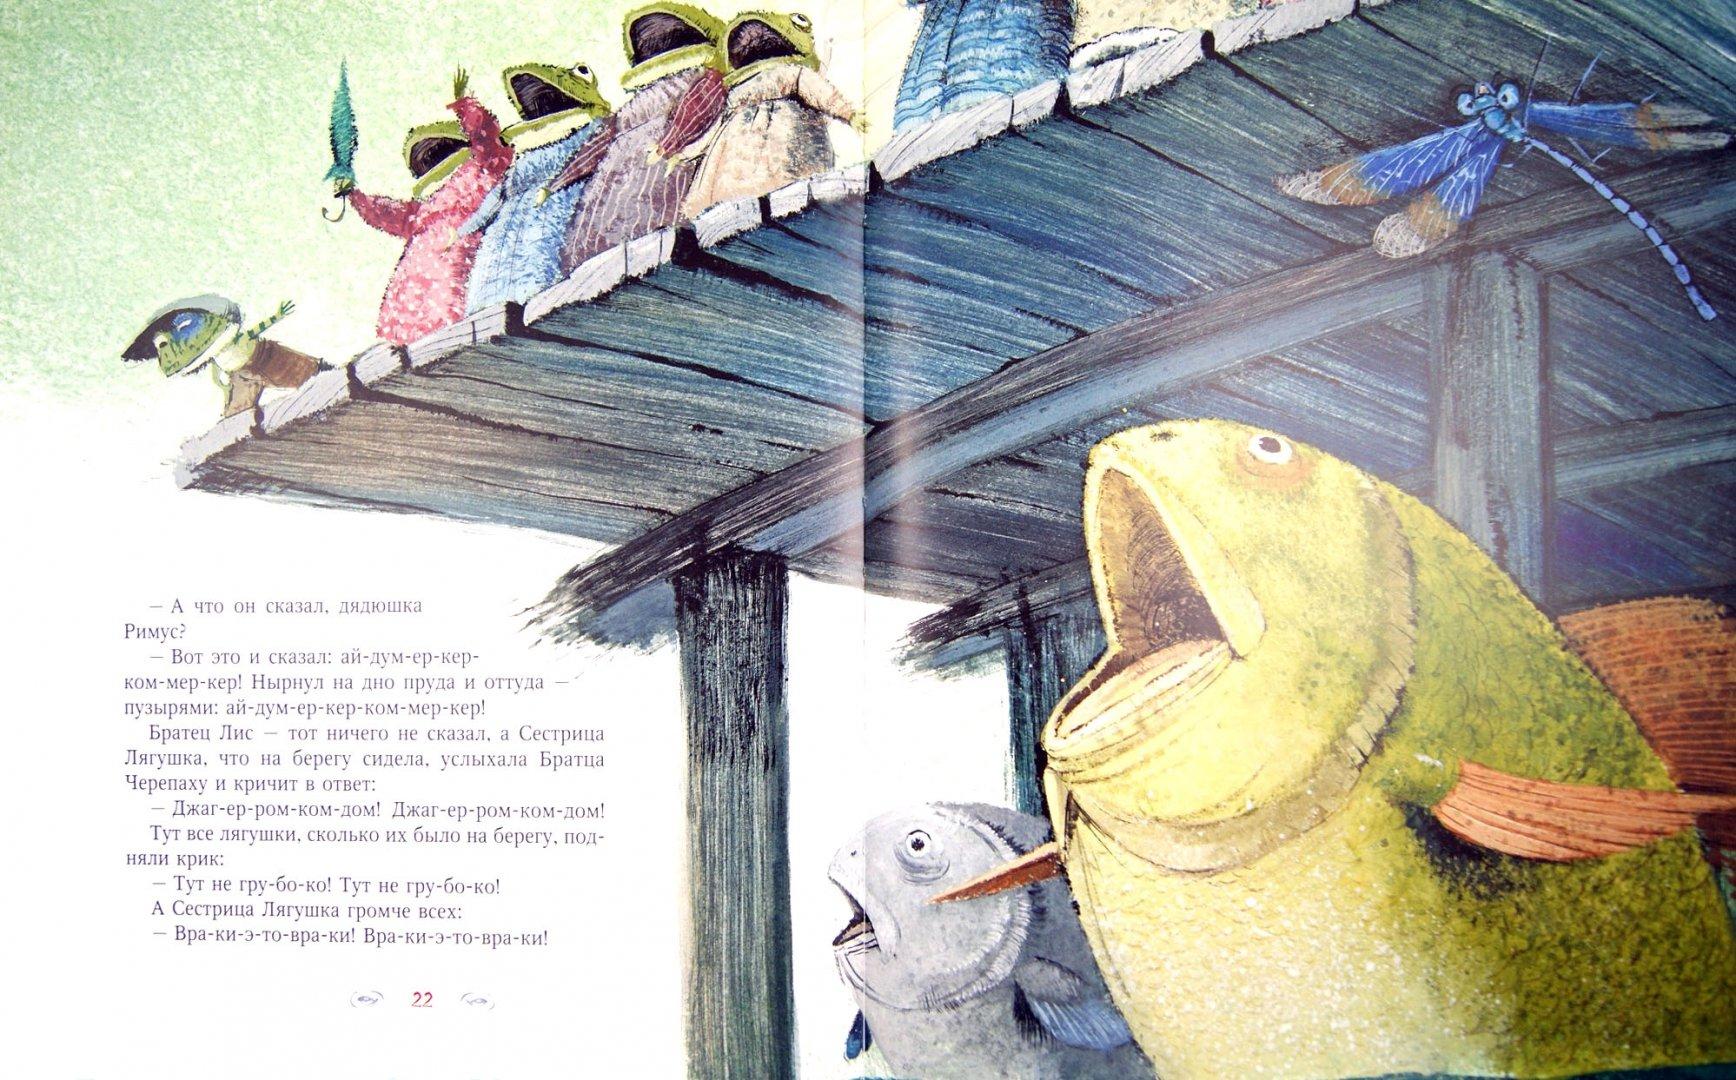 Иллюстрация 1 из 34 для Сказки дядюшки Римуса. Братец Кролик и Братец Воробушек - Джоэль Харрис   Лабиринт - книги. Источник: Лабиринт